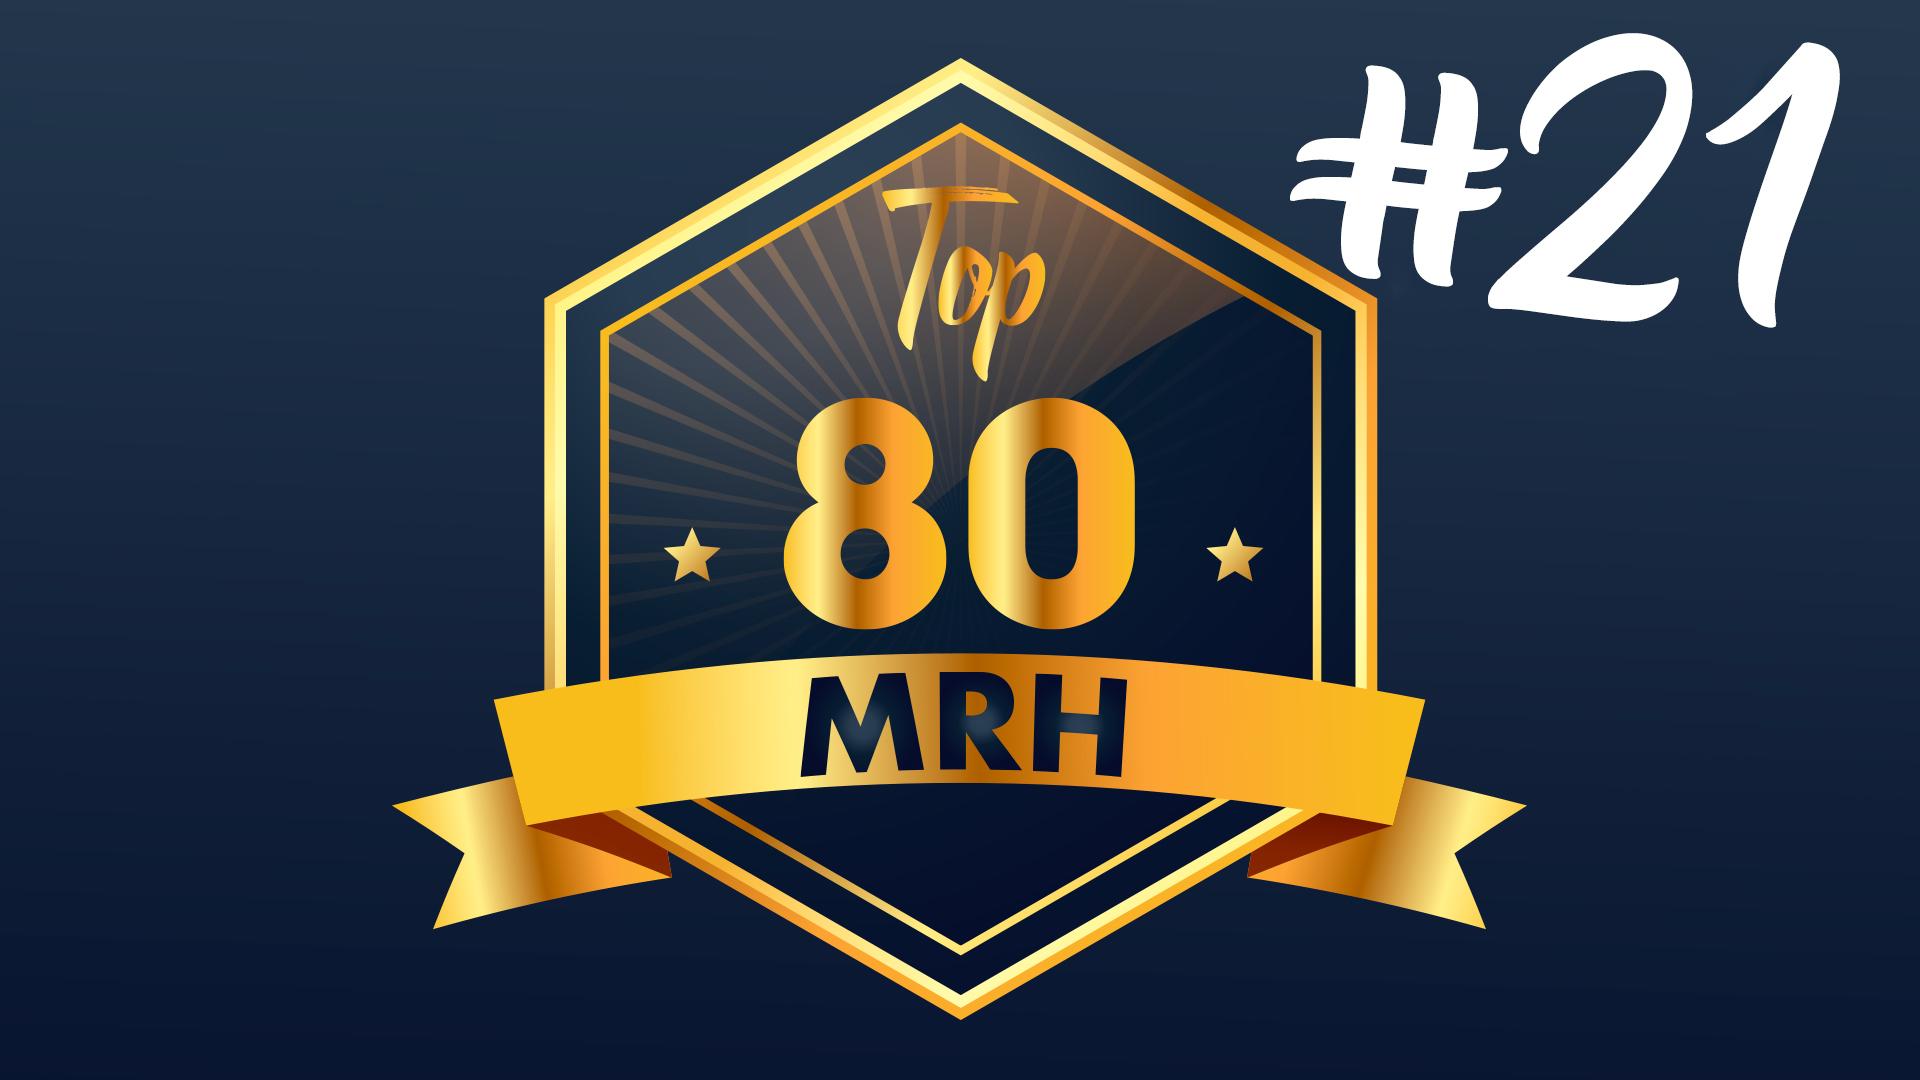 Top 80 MRH - Qui fera partie du 21e classement Top MRH